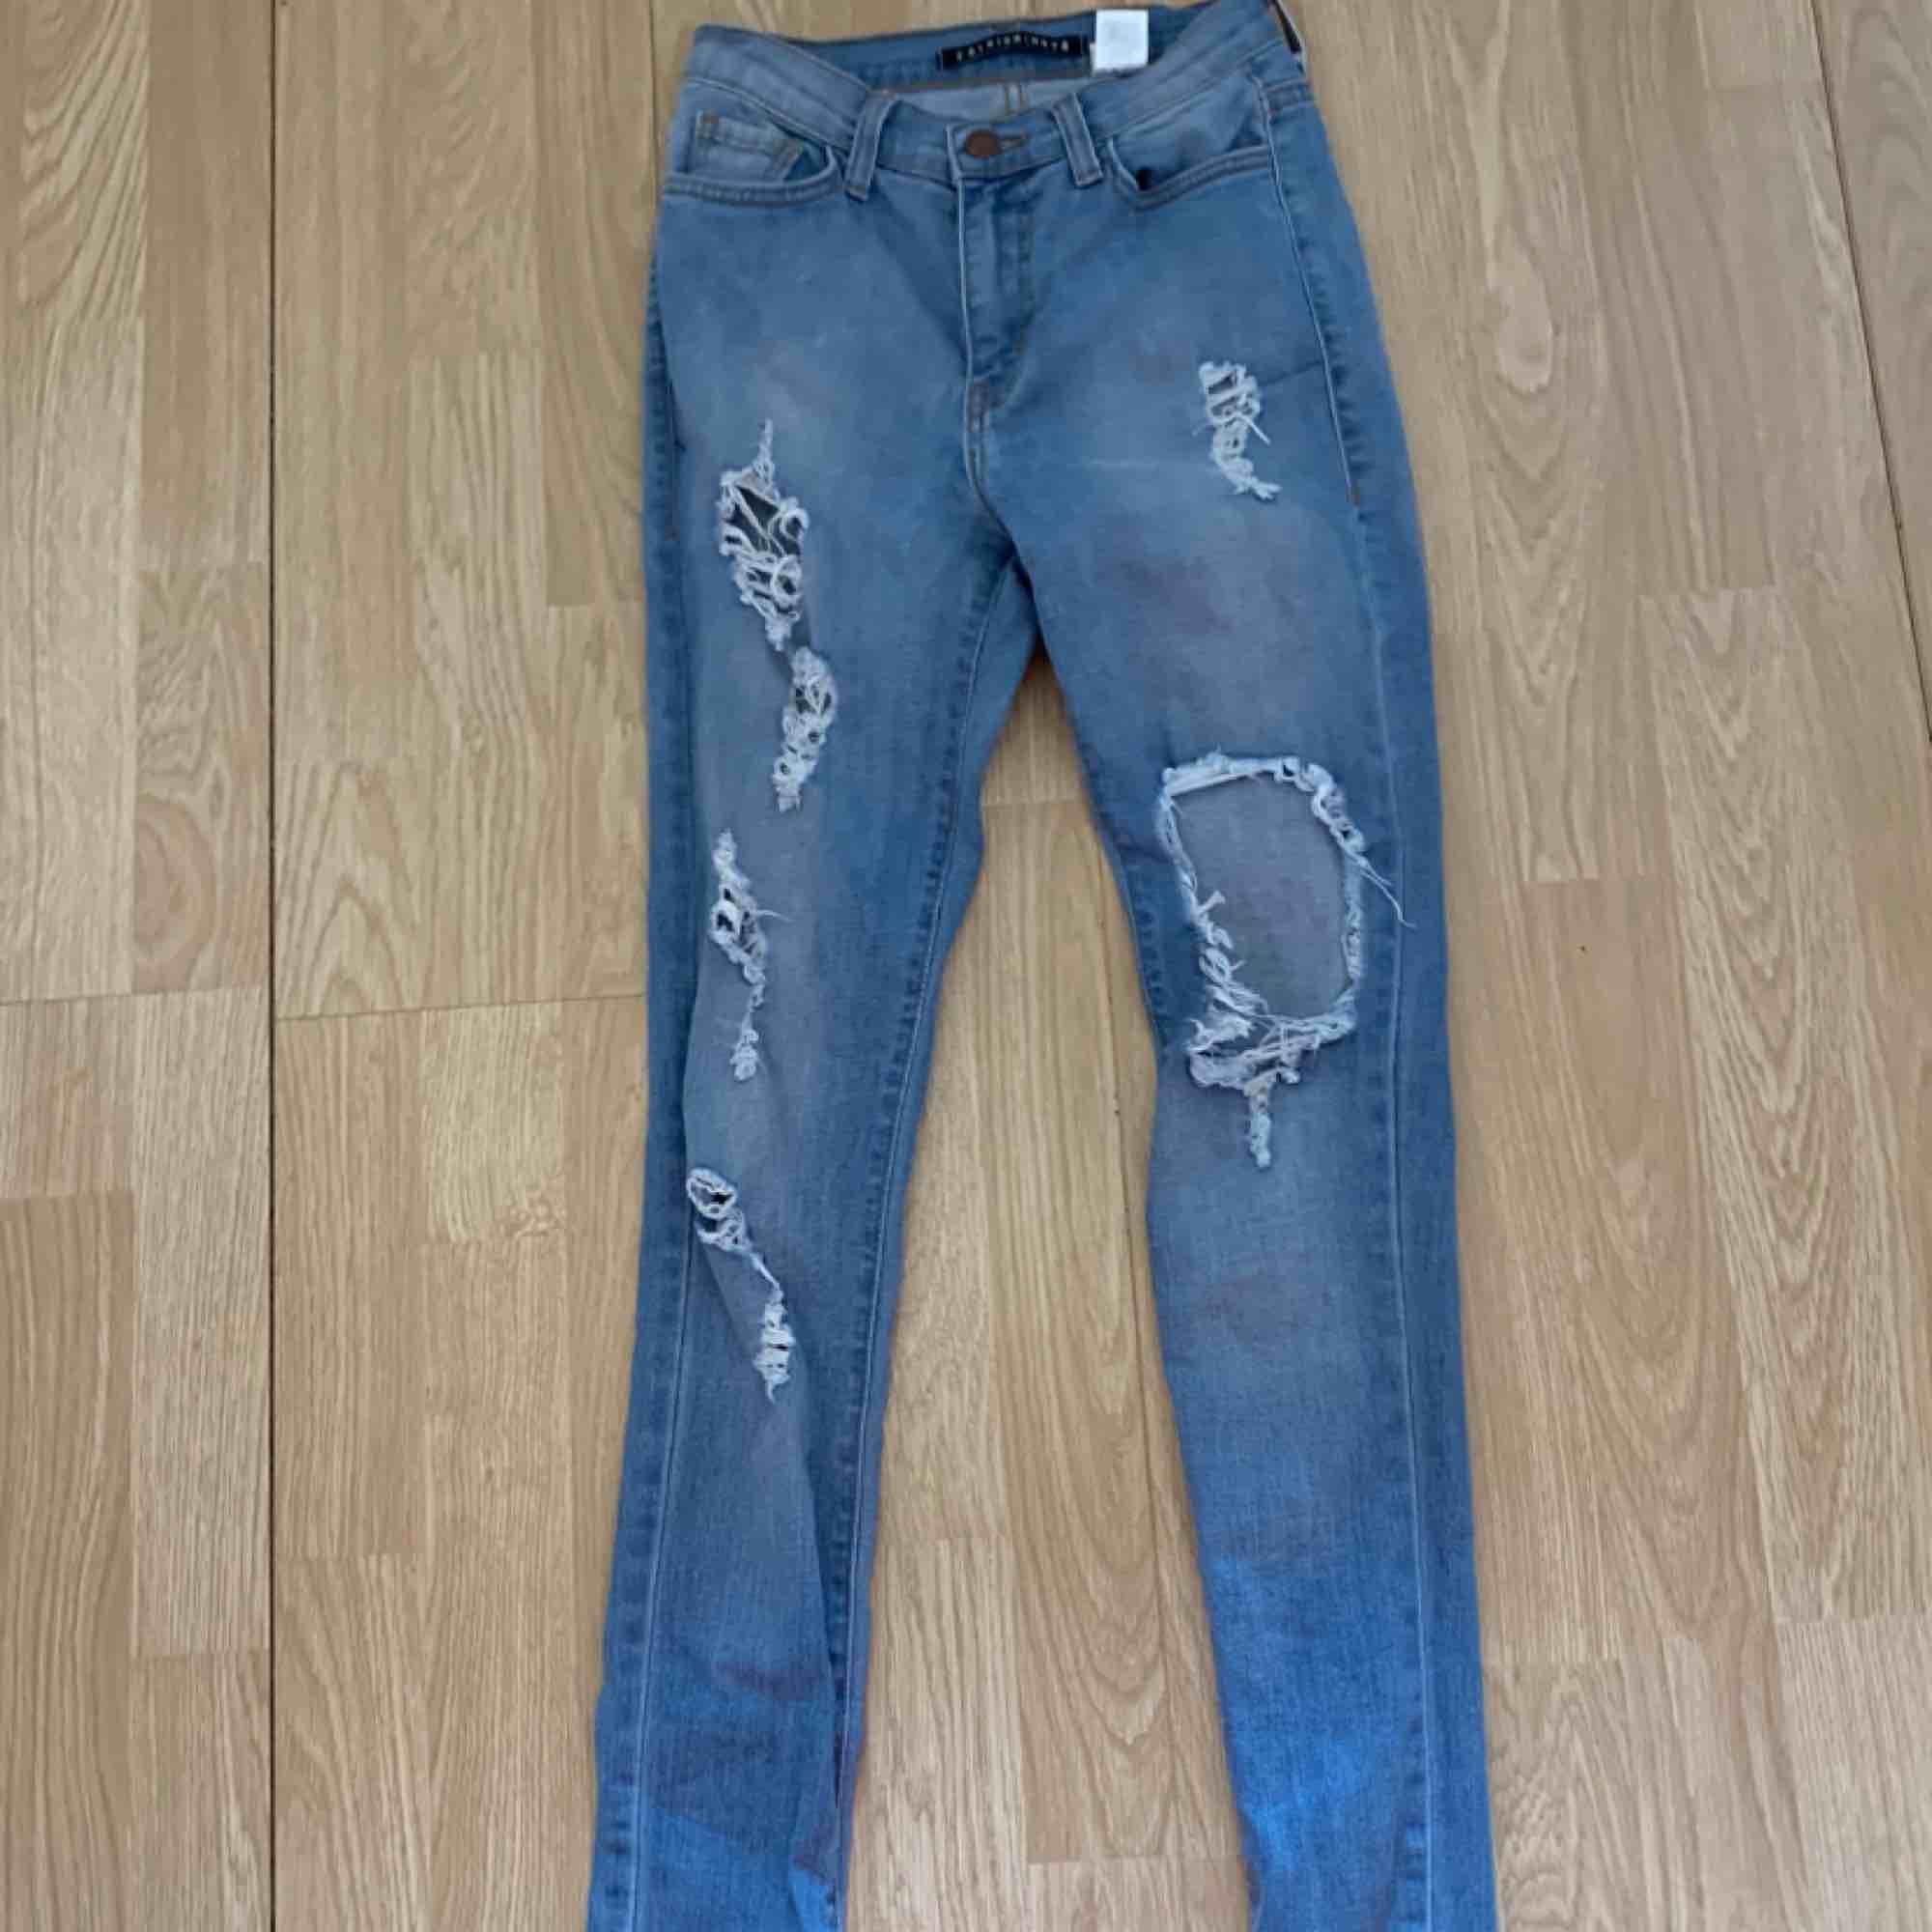 Högmidjade blå ripped jeans från Fashion nova storlek 1 (XS) fint skick.  Möts upp i Stockholm eller fraktar.  Frakt kostar 63kr extra, postar med videobevis/bildbevis. Jag garanterar en snabb pålitlig affär!✨. Jeans & Byxor.